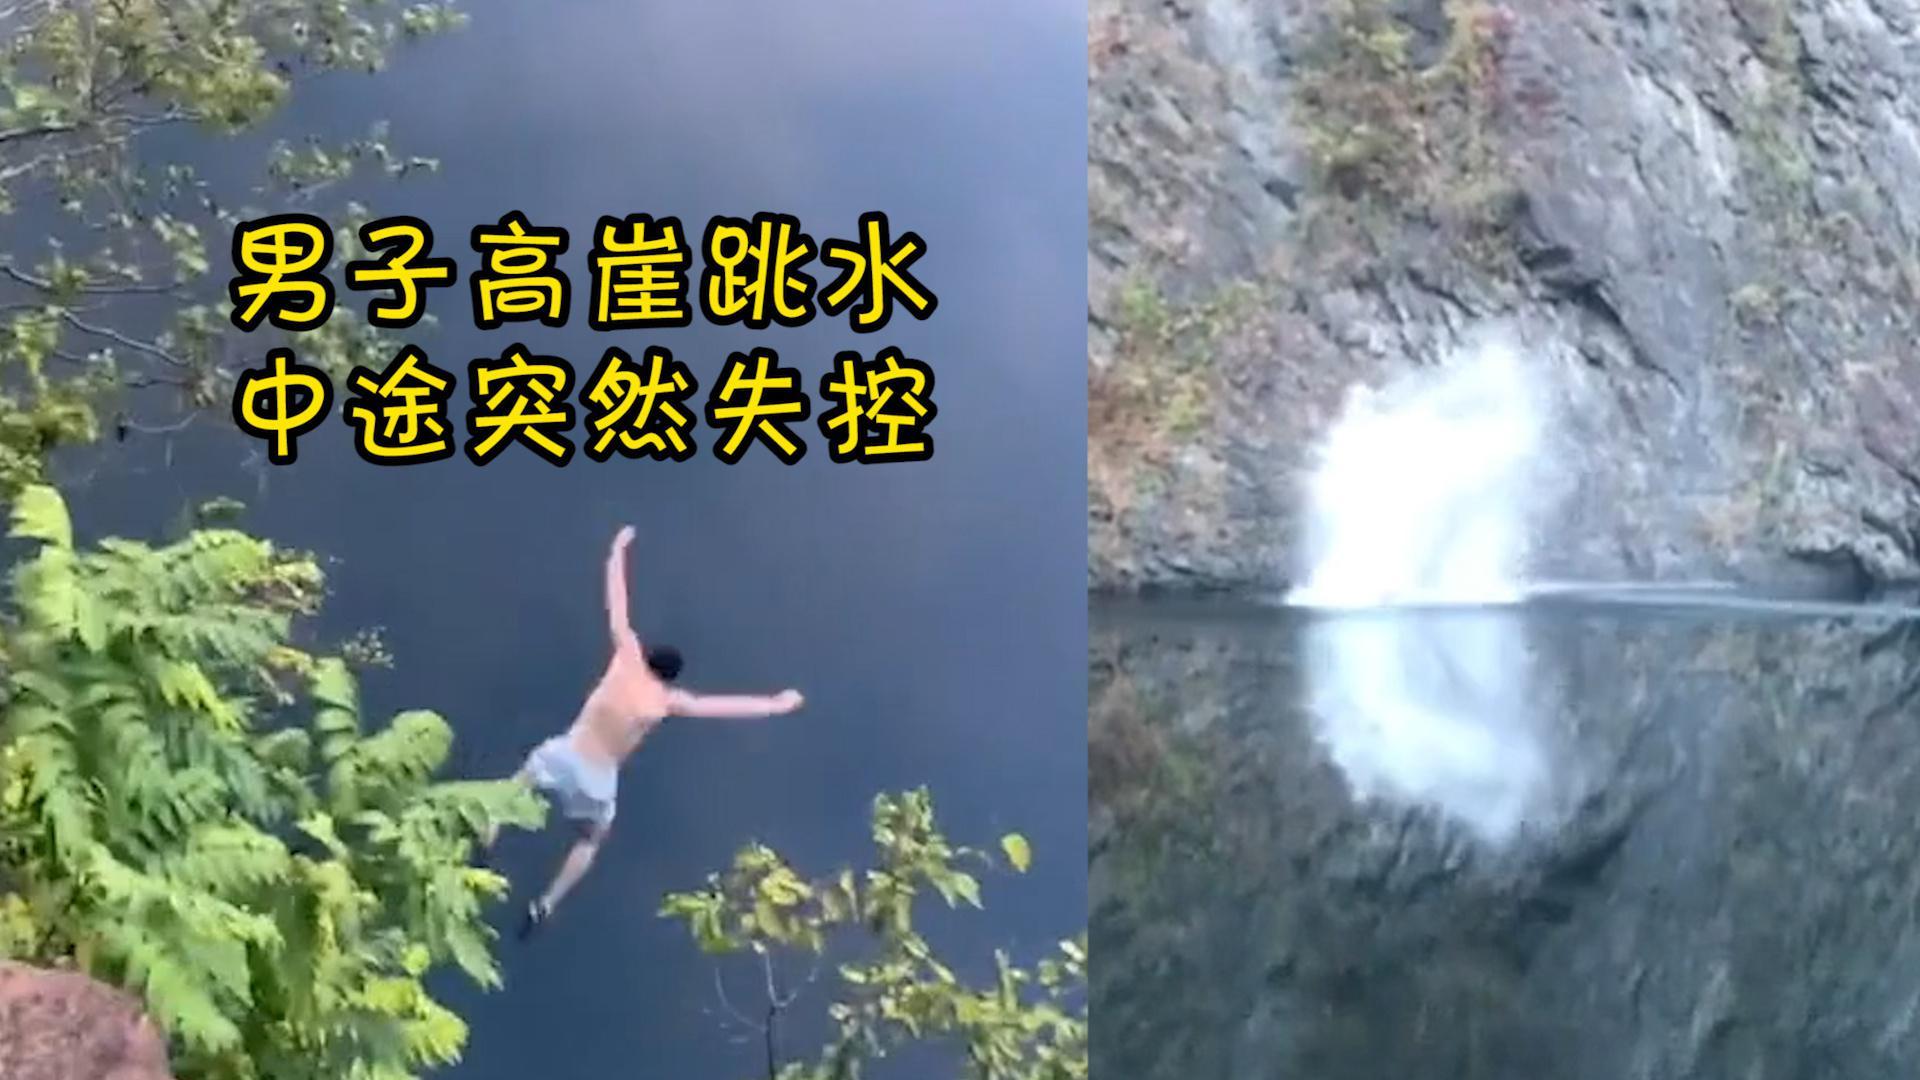 外国人少系列!男子35米高崖跳水突然失控 落水瞬间巨响吓坏网友